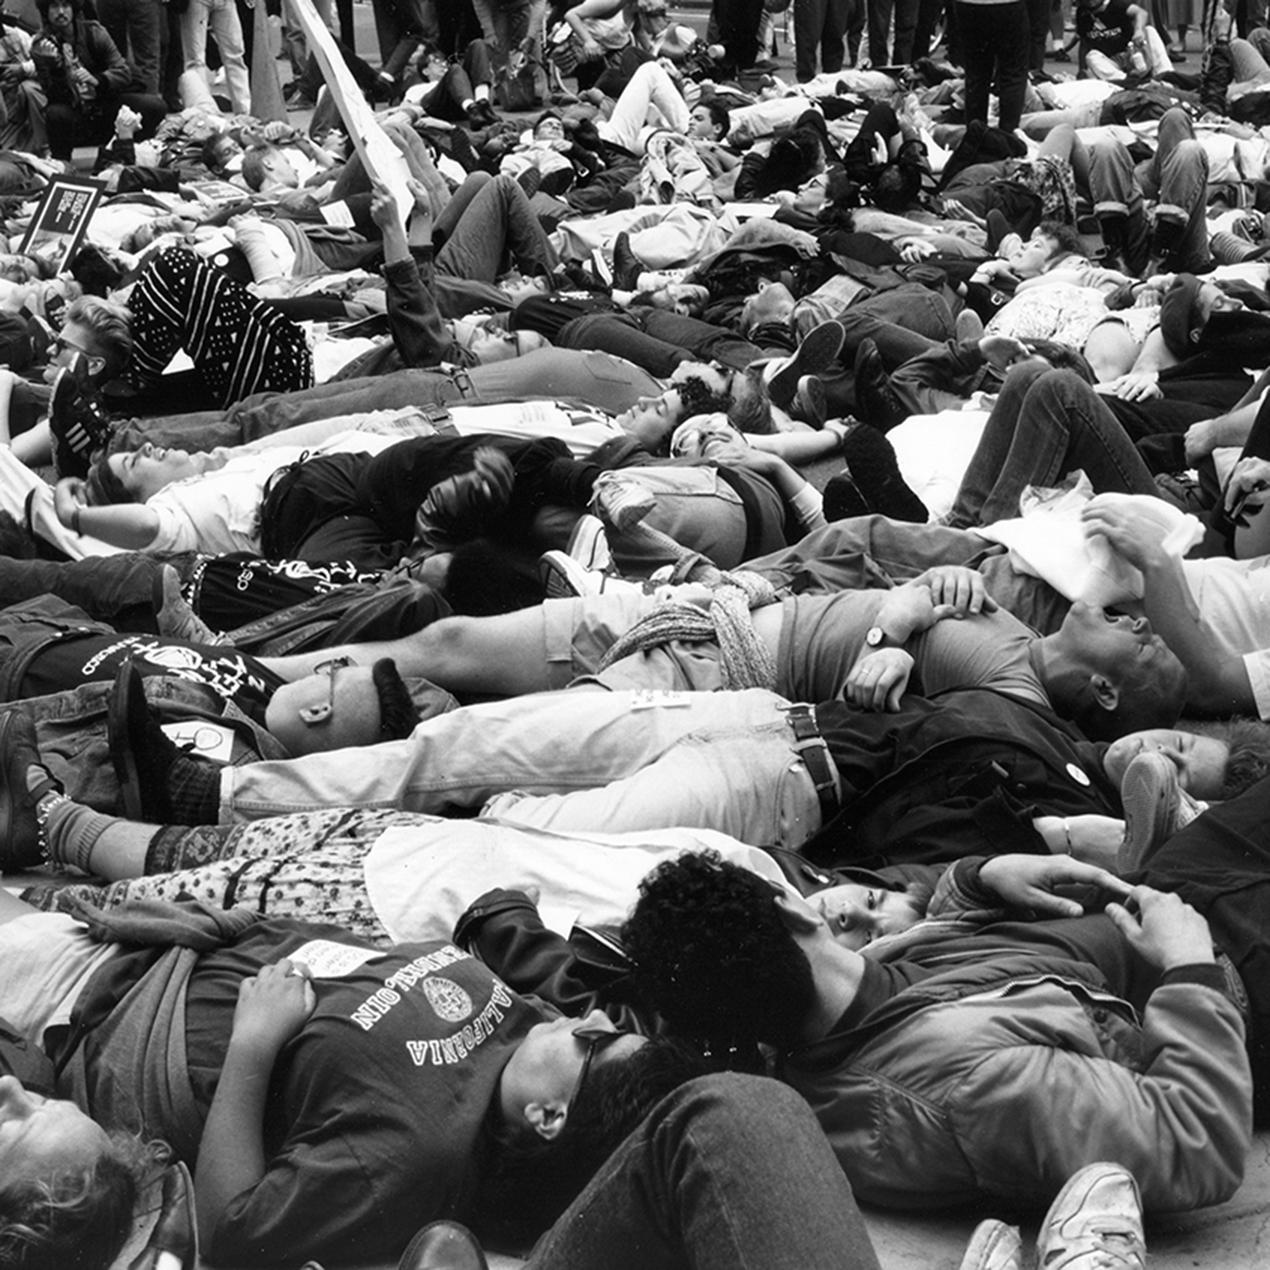 Die In 1991 photo by Rudy Lemcke